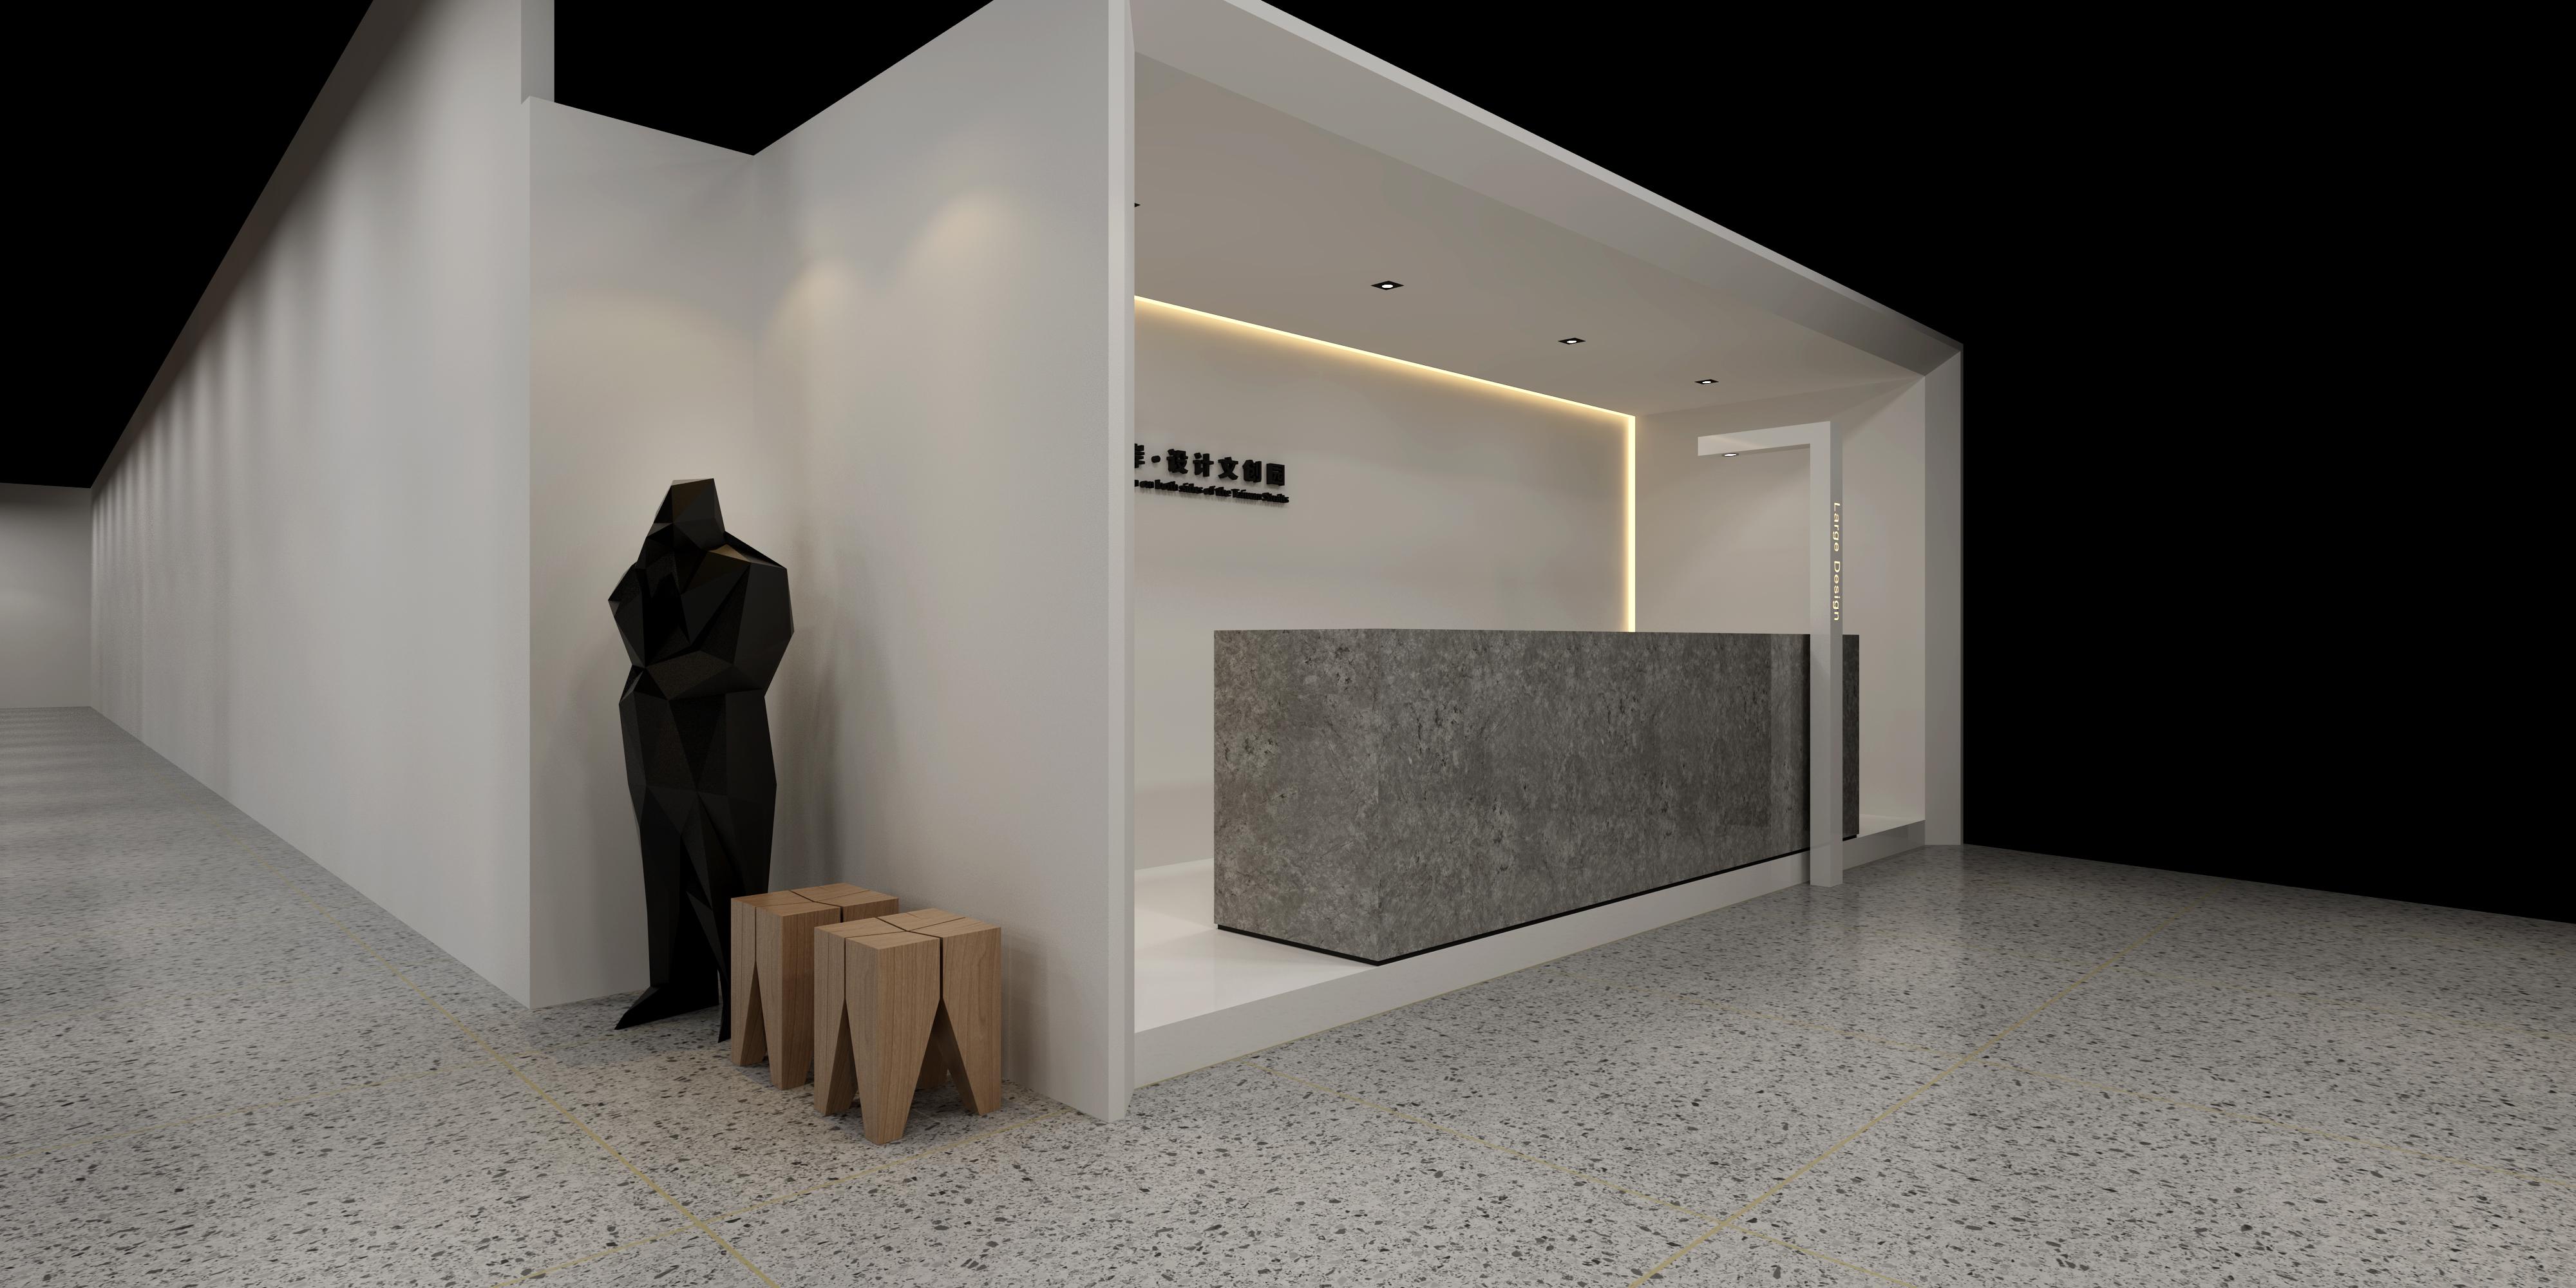 喜盈门海峡两岸设计创意园,即将璀璨登场!